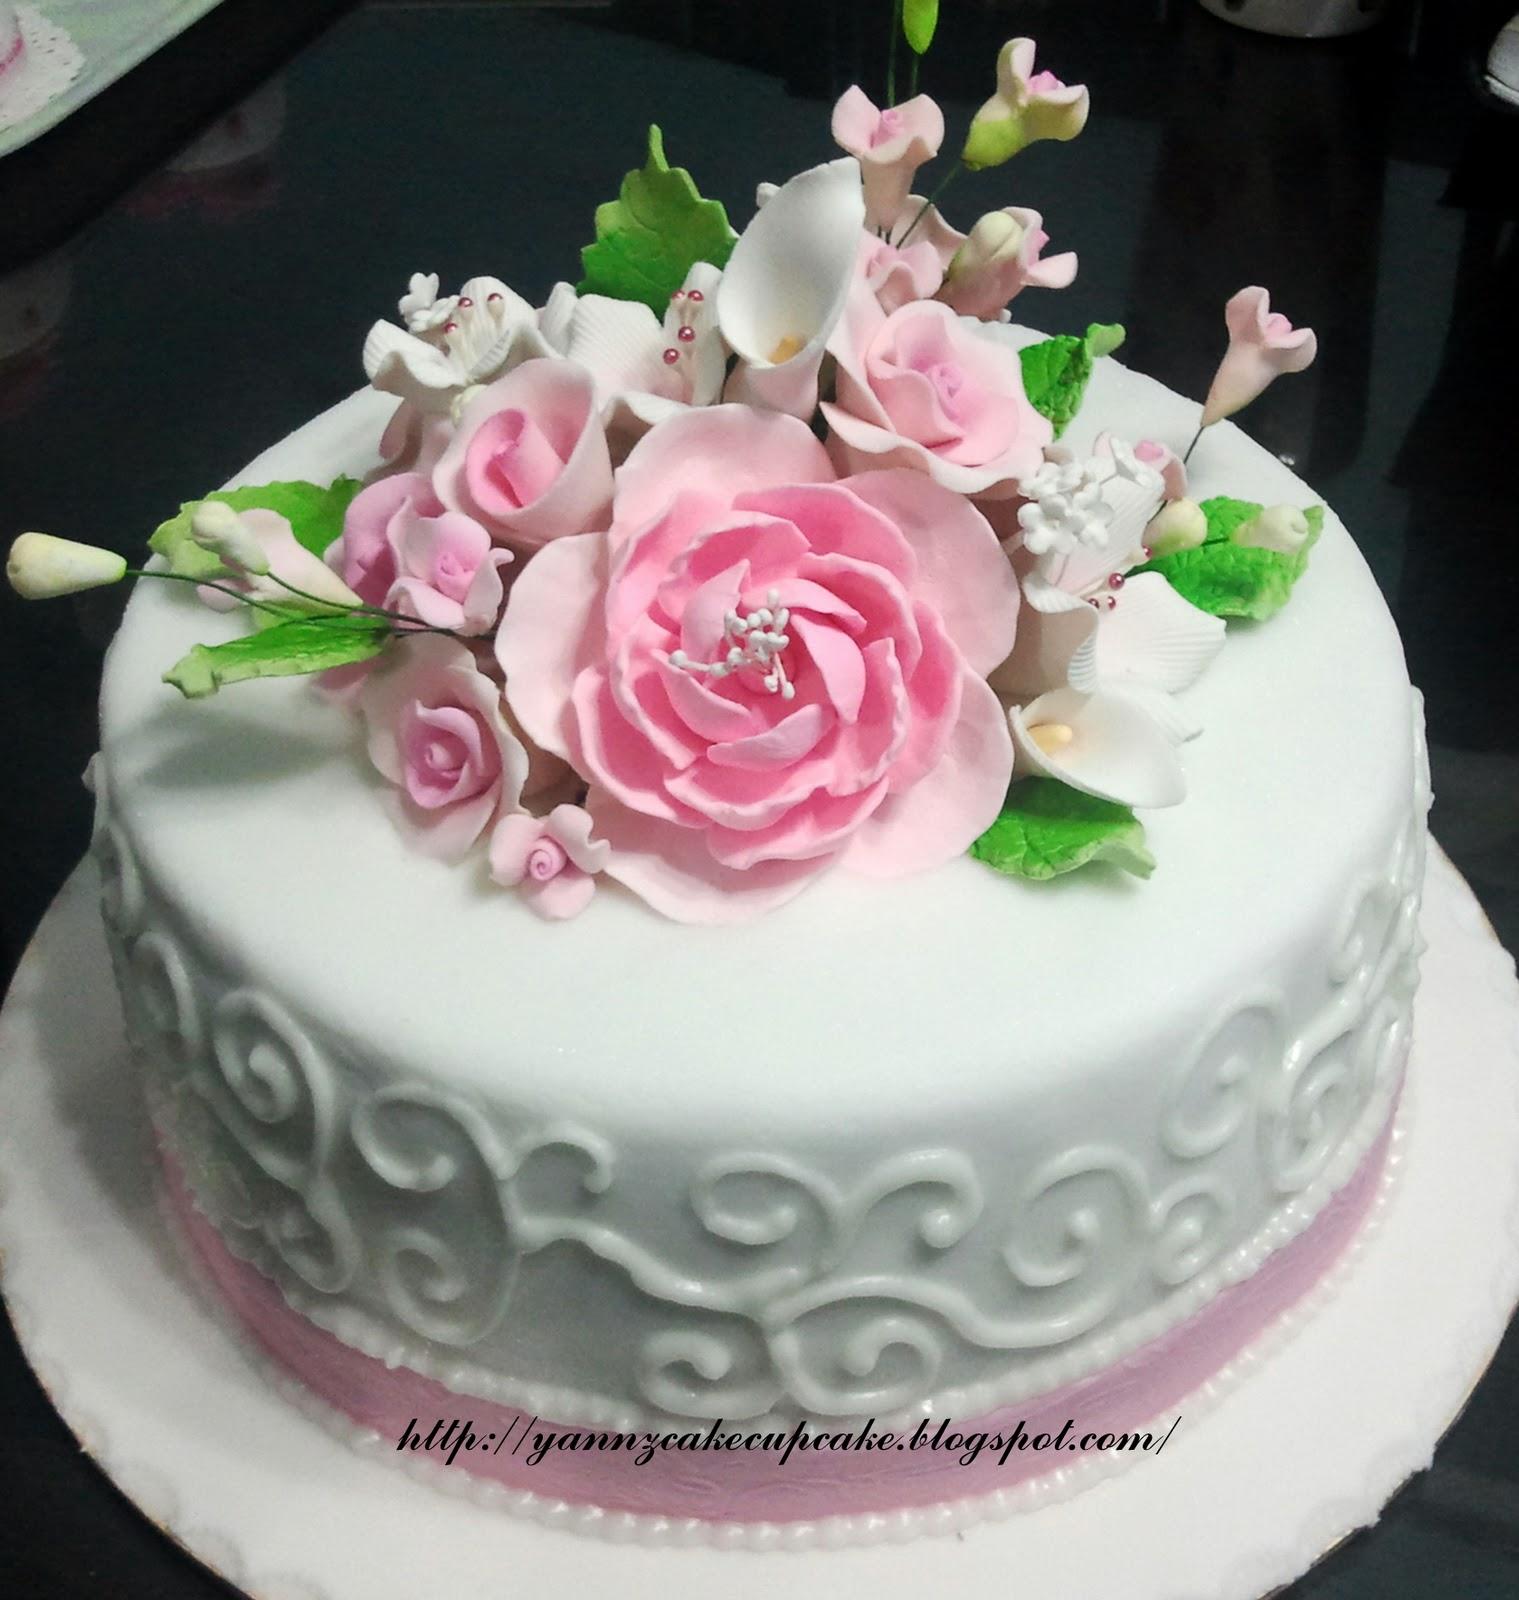 Mini cake : Aqiqah | yannzcakecupcakecom